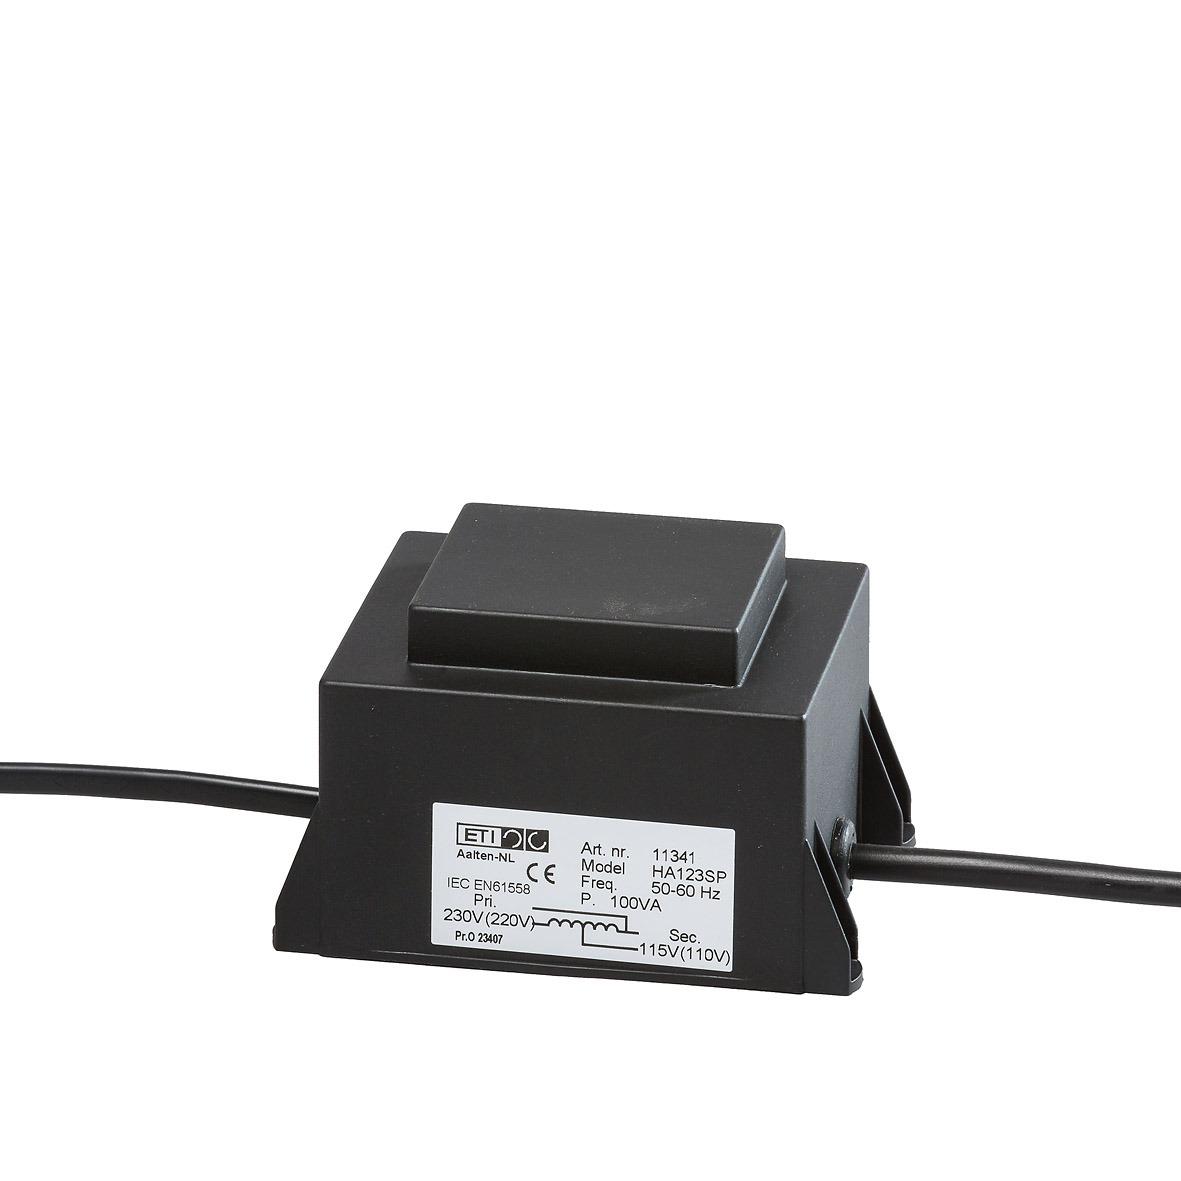 11341 - 220…230/110…115V-100VA HA123SP